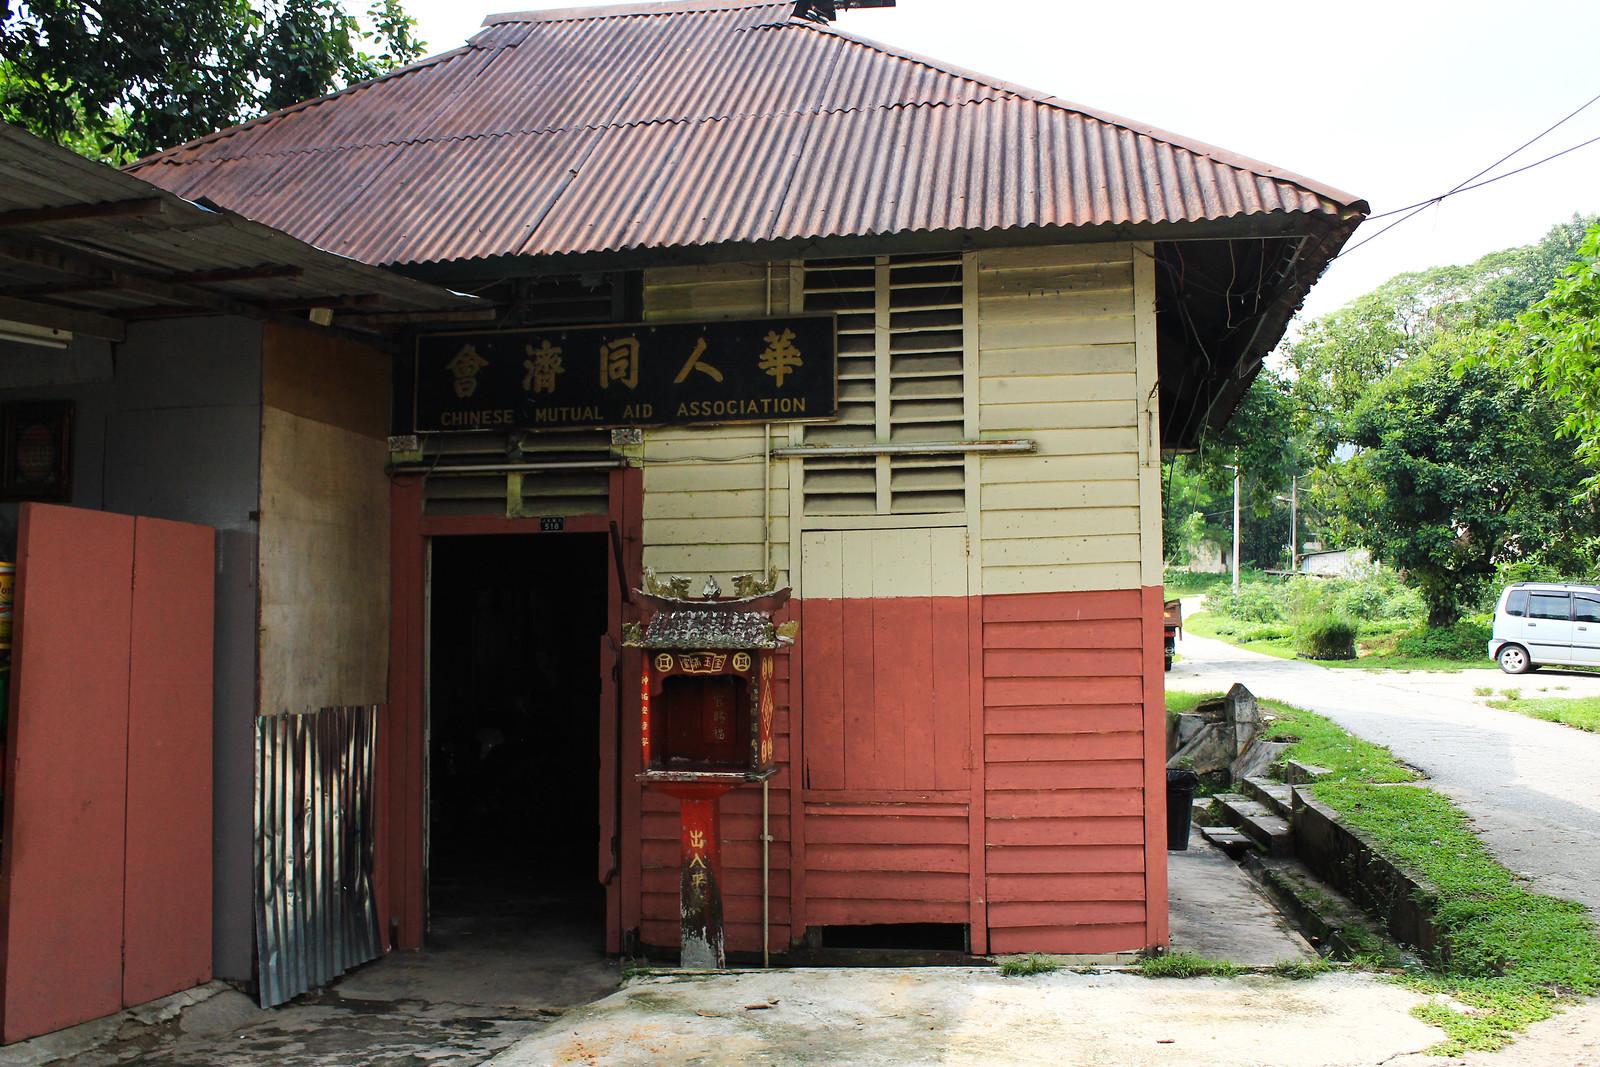 雙溪毛糯院的院民以華人為大多數,因此院內至今仍不難找到華人社團文化的痕跡。(攝影:何欣潔)